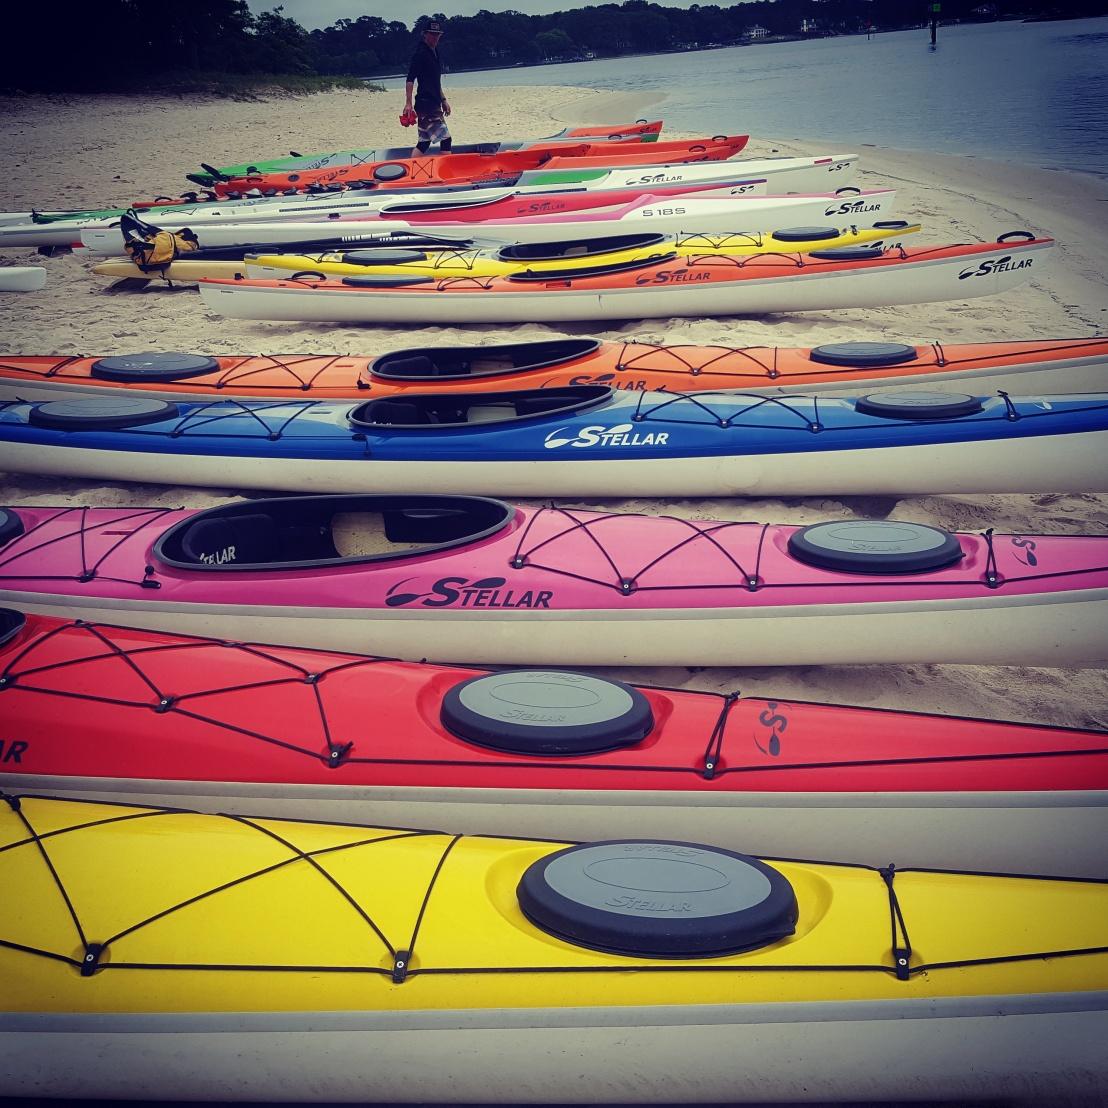 Stellar Sea Kayaks